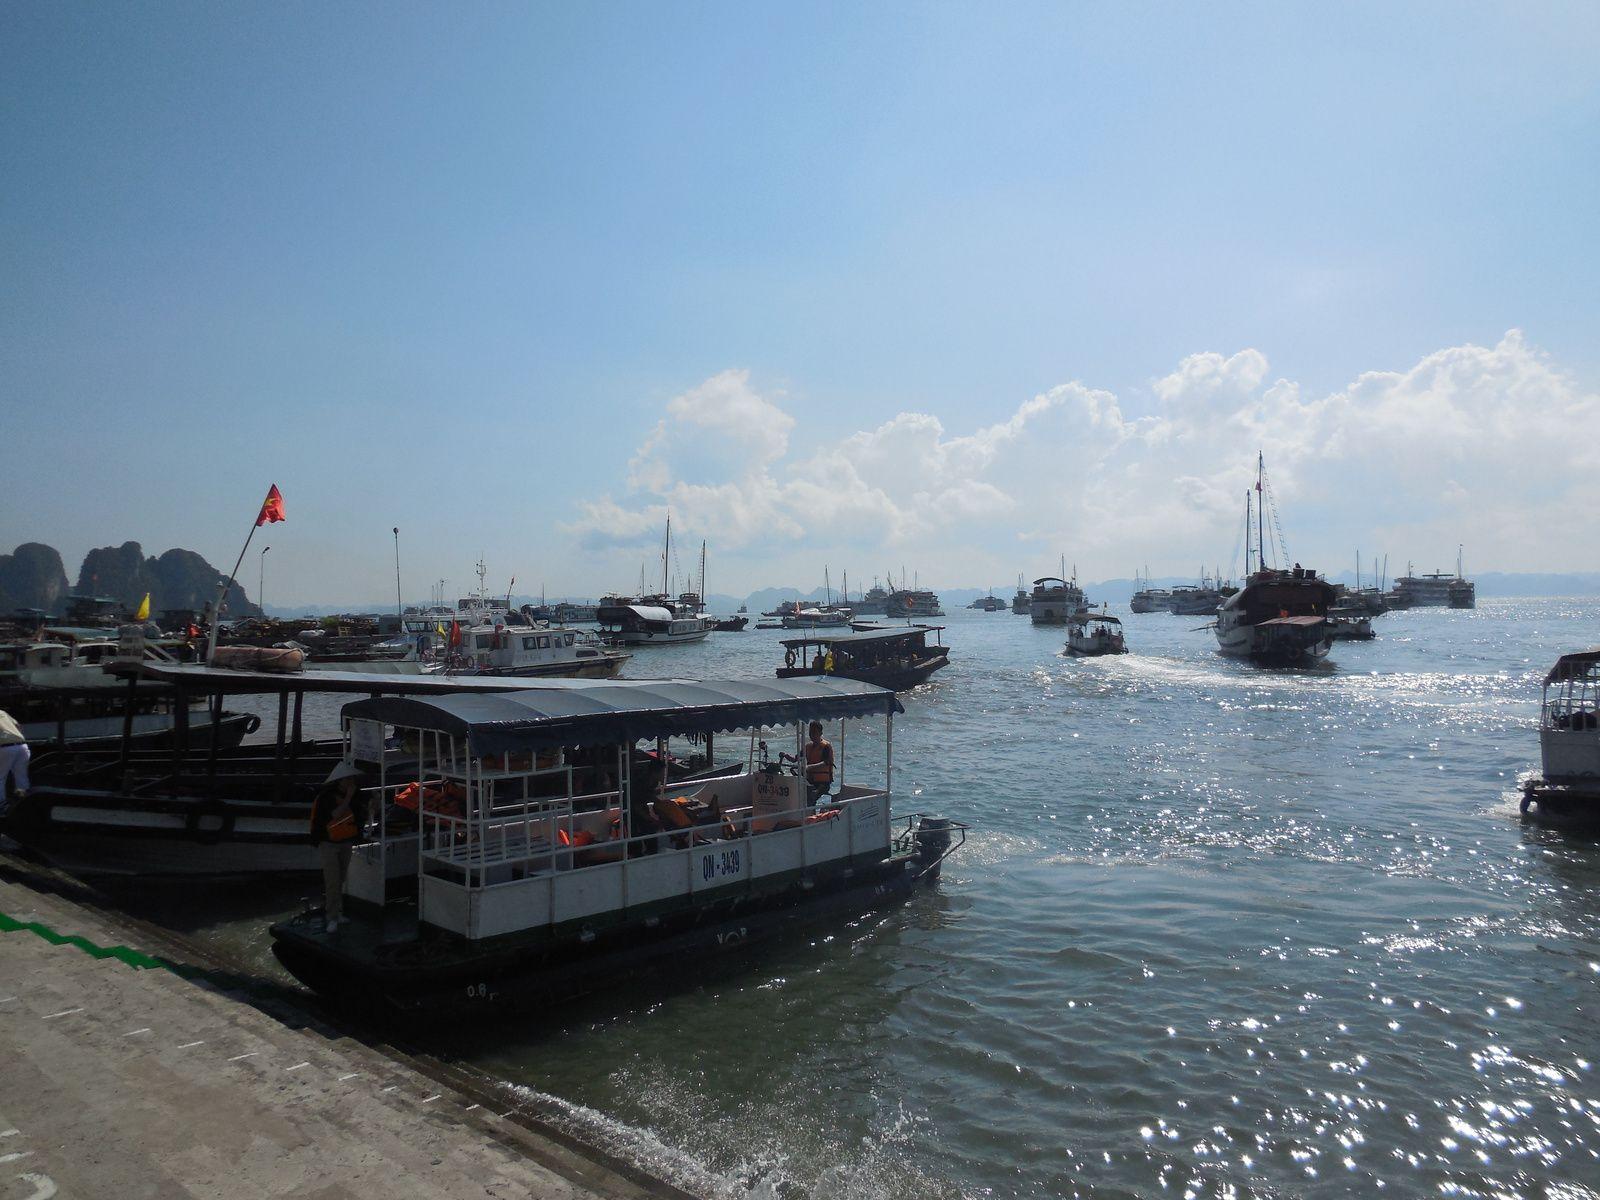 Embarquement à Bai Chay à bord d'un bateau de croisière où nous passerons la nuit...